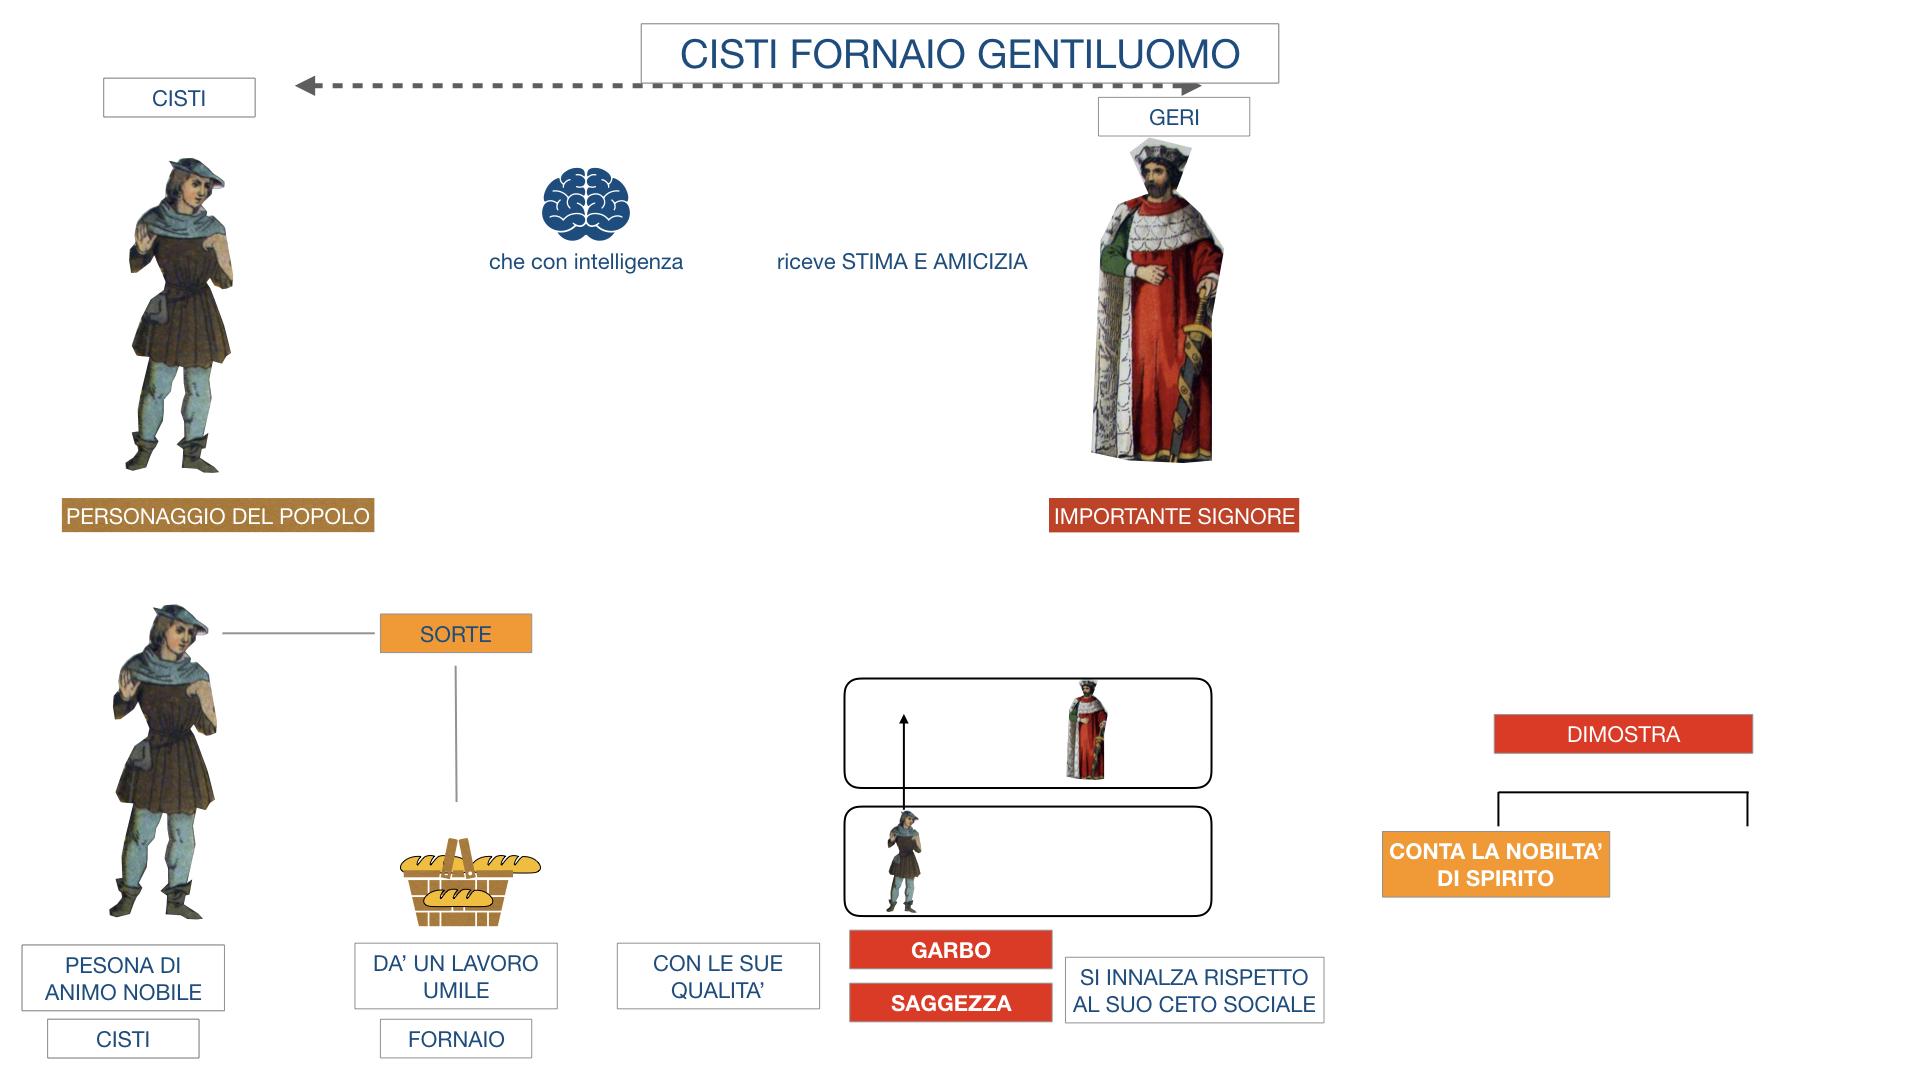 CISTI IL FORNAIO_SIMULAZIONE .016